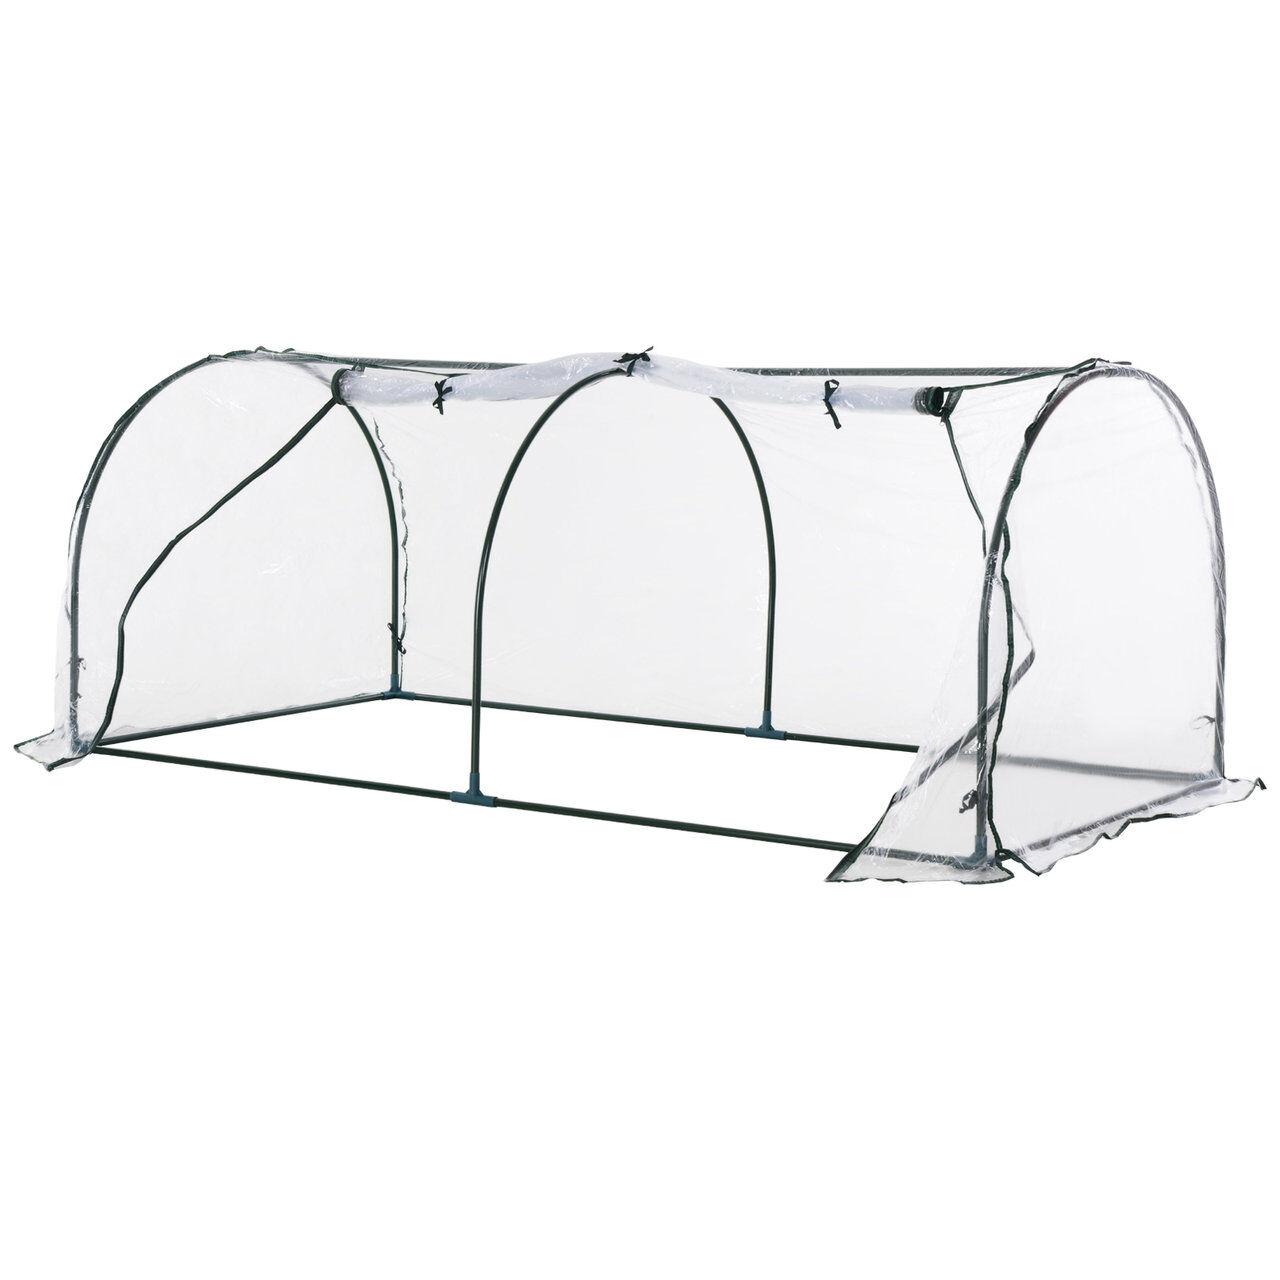 arredo outdoor serra da giardino a tunnel in pvc telaio in acciao trasparente, 200x100x80cm